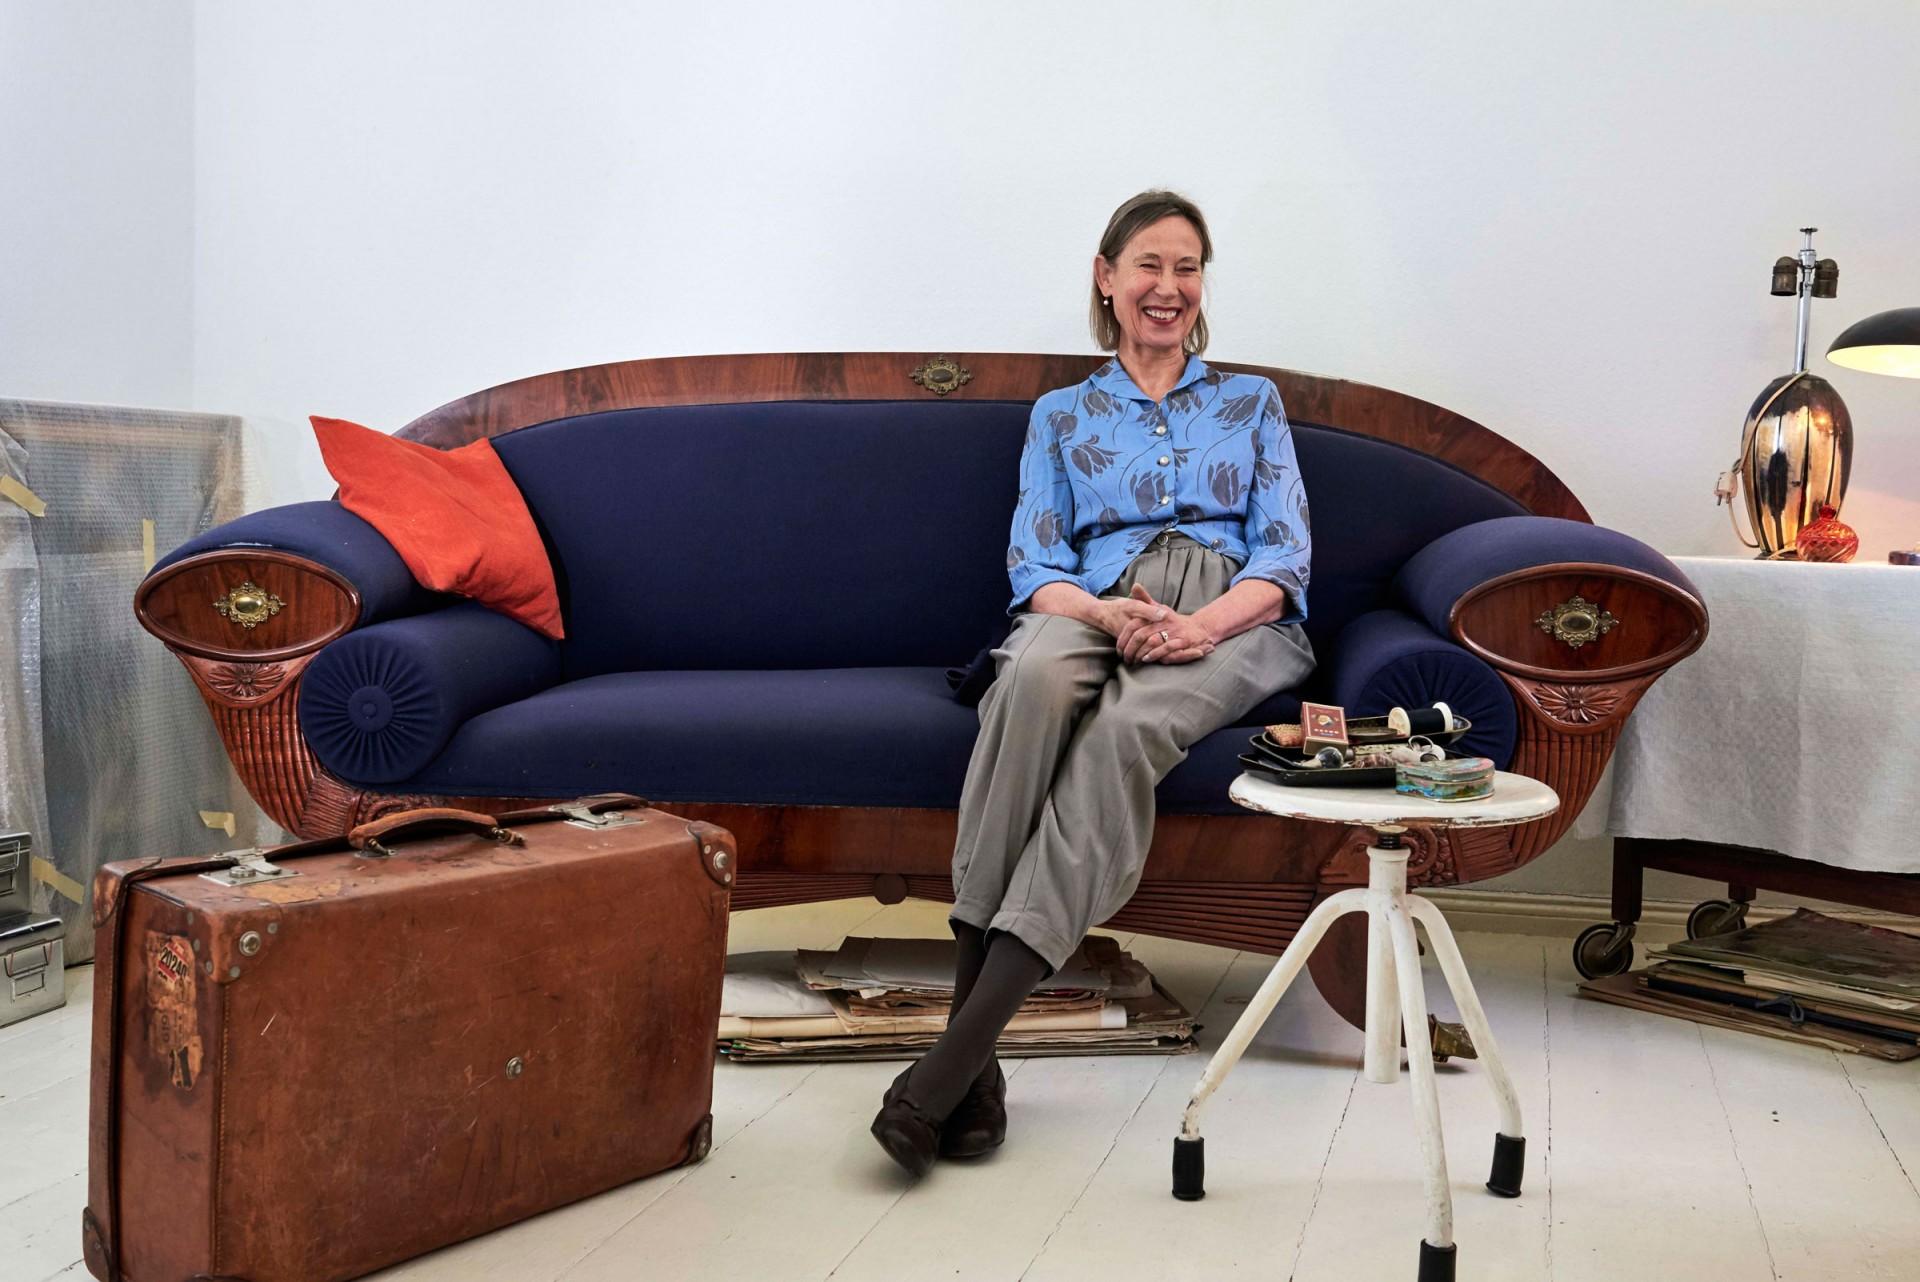 Anke Krey Unternehmerportraits seit 2015